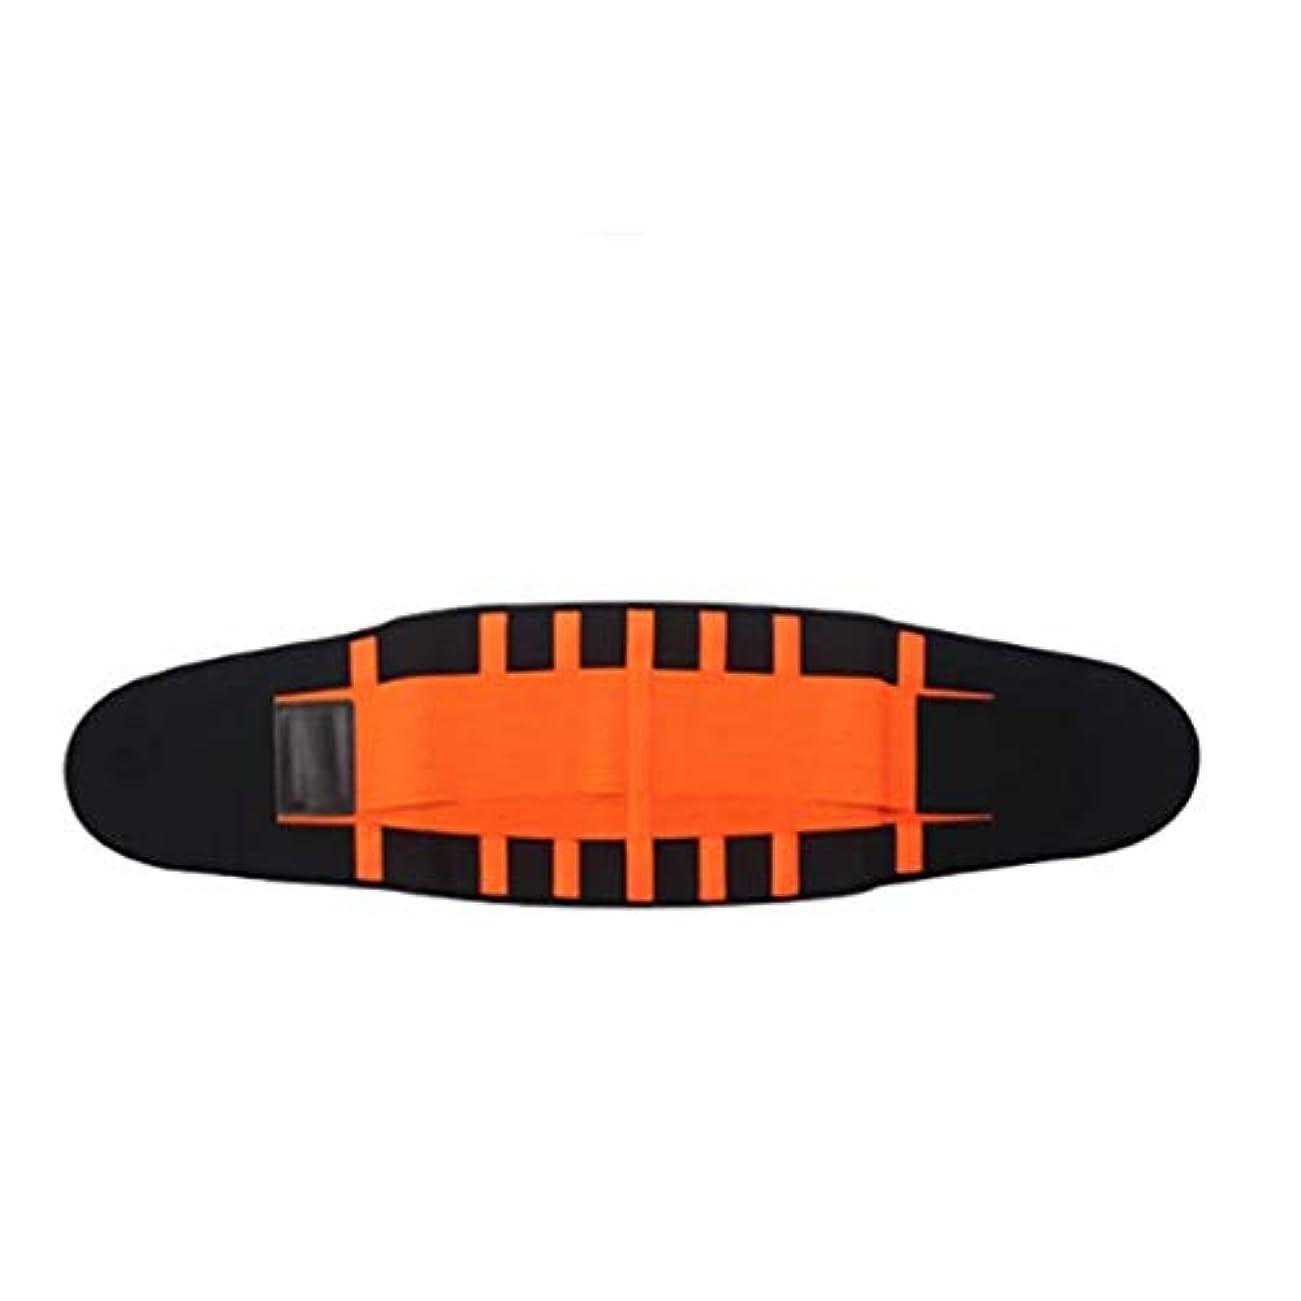 チキン適応的独特のフィットネスベルト、ウエストベルト、椎間板腰椎筋肉の緊張、コールド、腹部暖かいウエスト、ウエストの保護、腹部ベルト、産後/スポーツ/フィットネス (Size : XL)